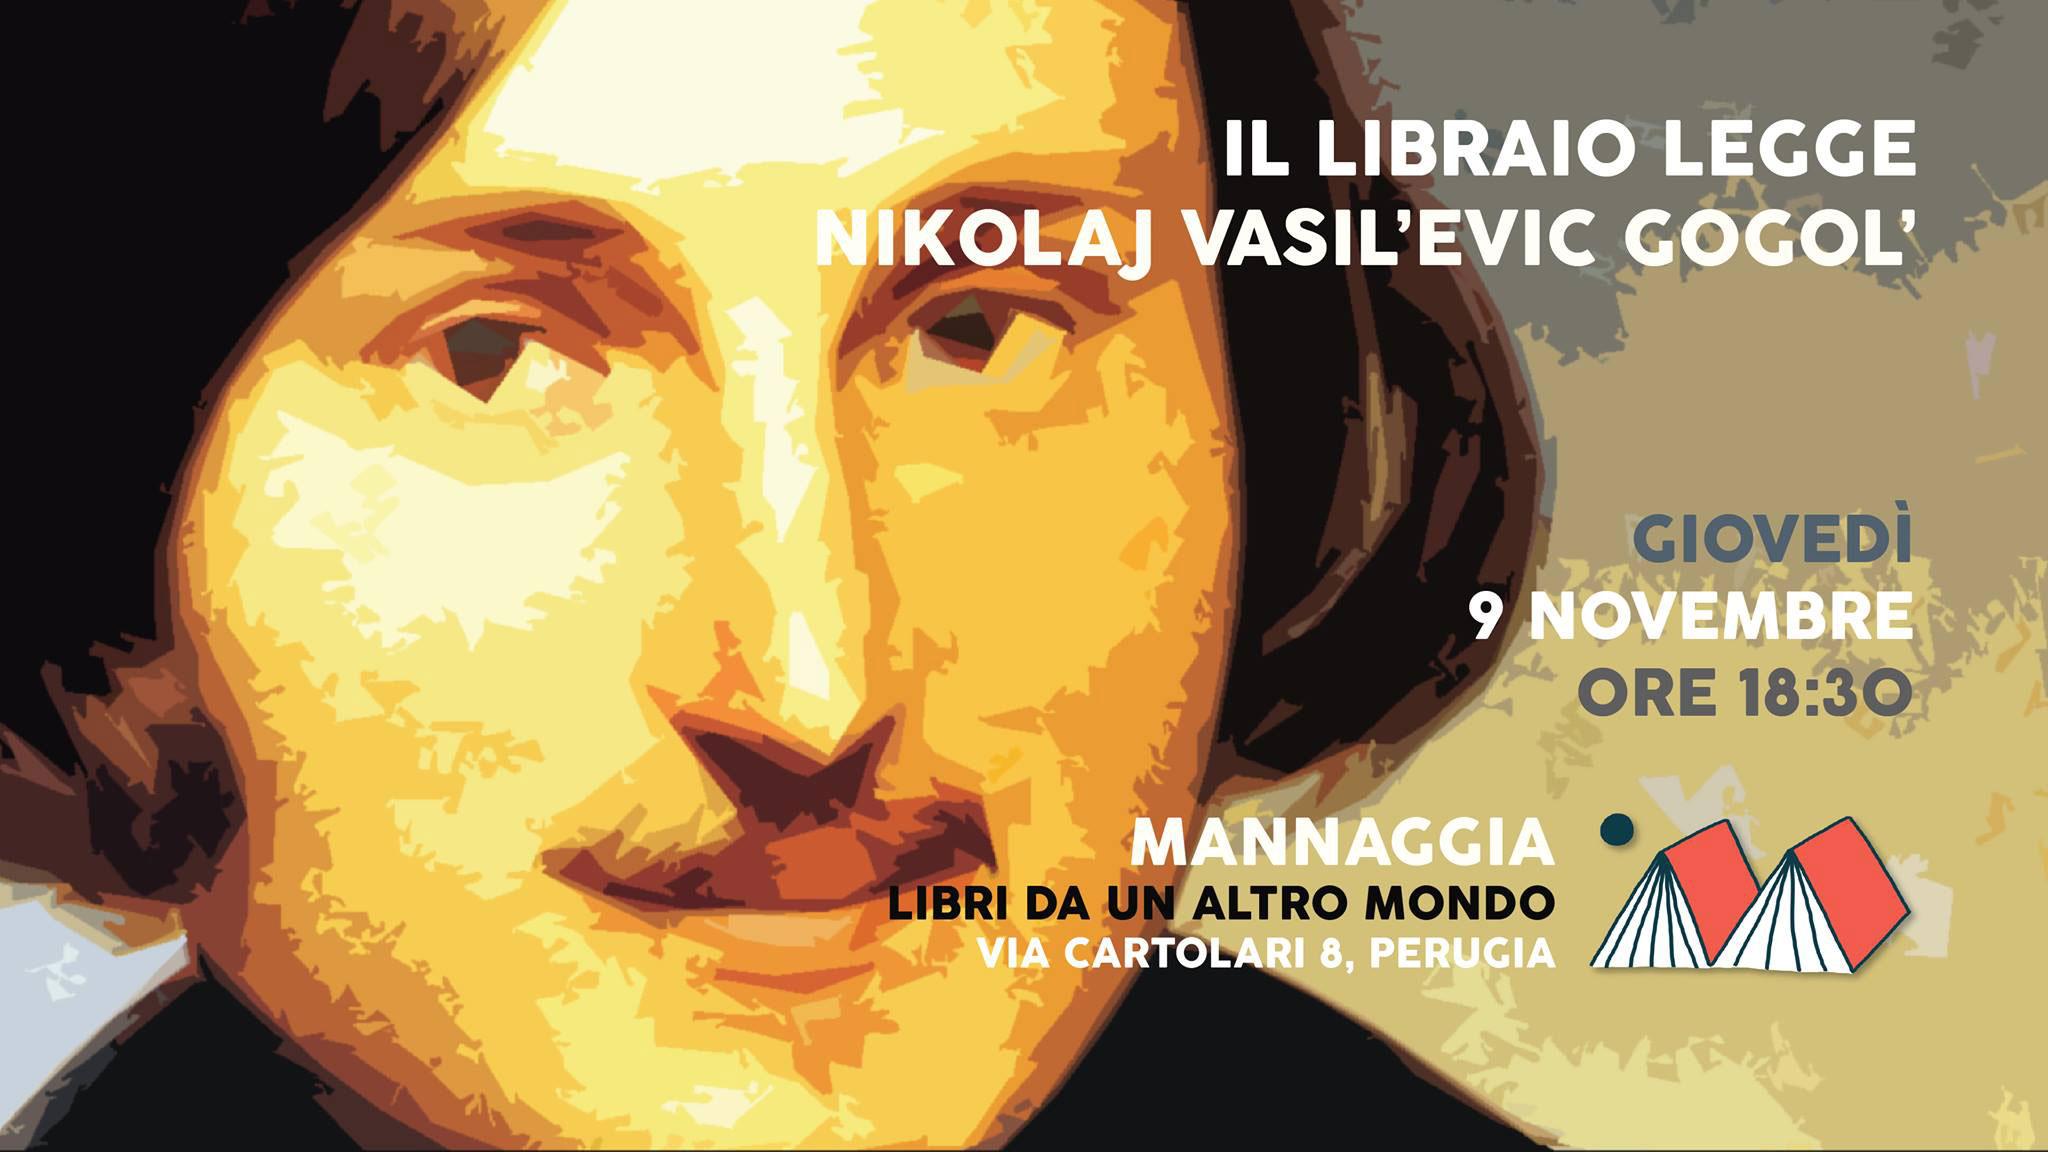 Il libraio legge Nikolaj Vasil'evic Gogol'